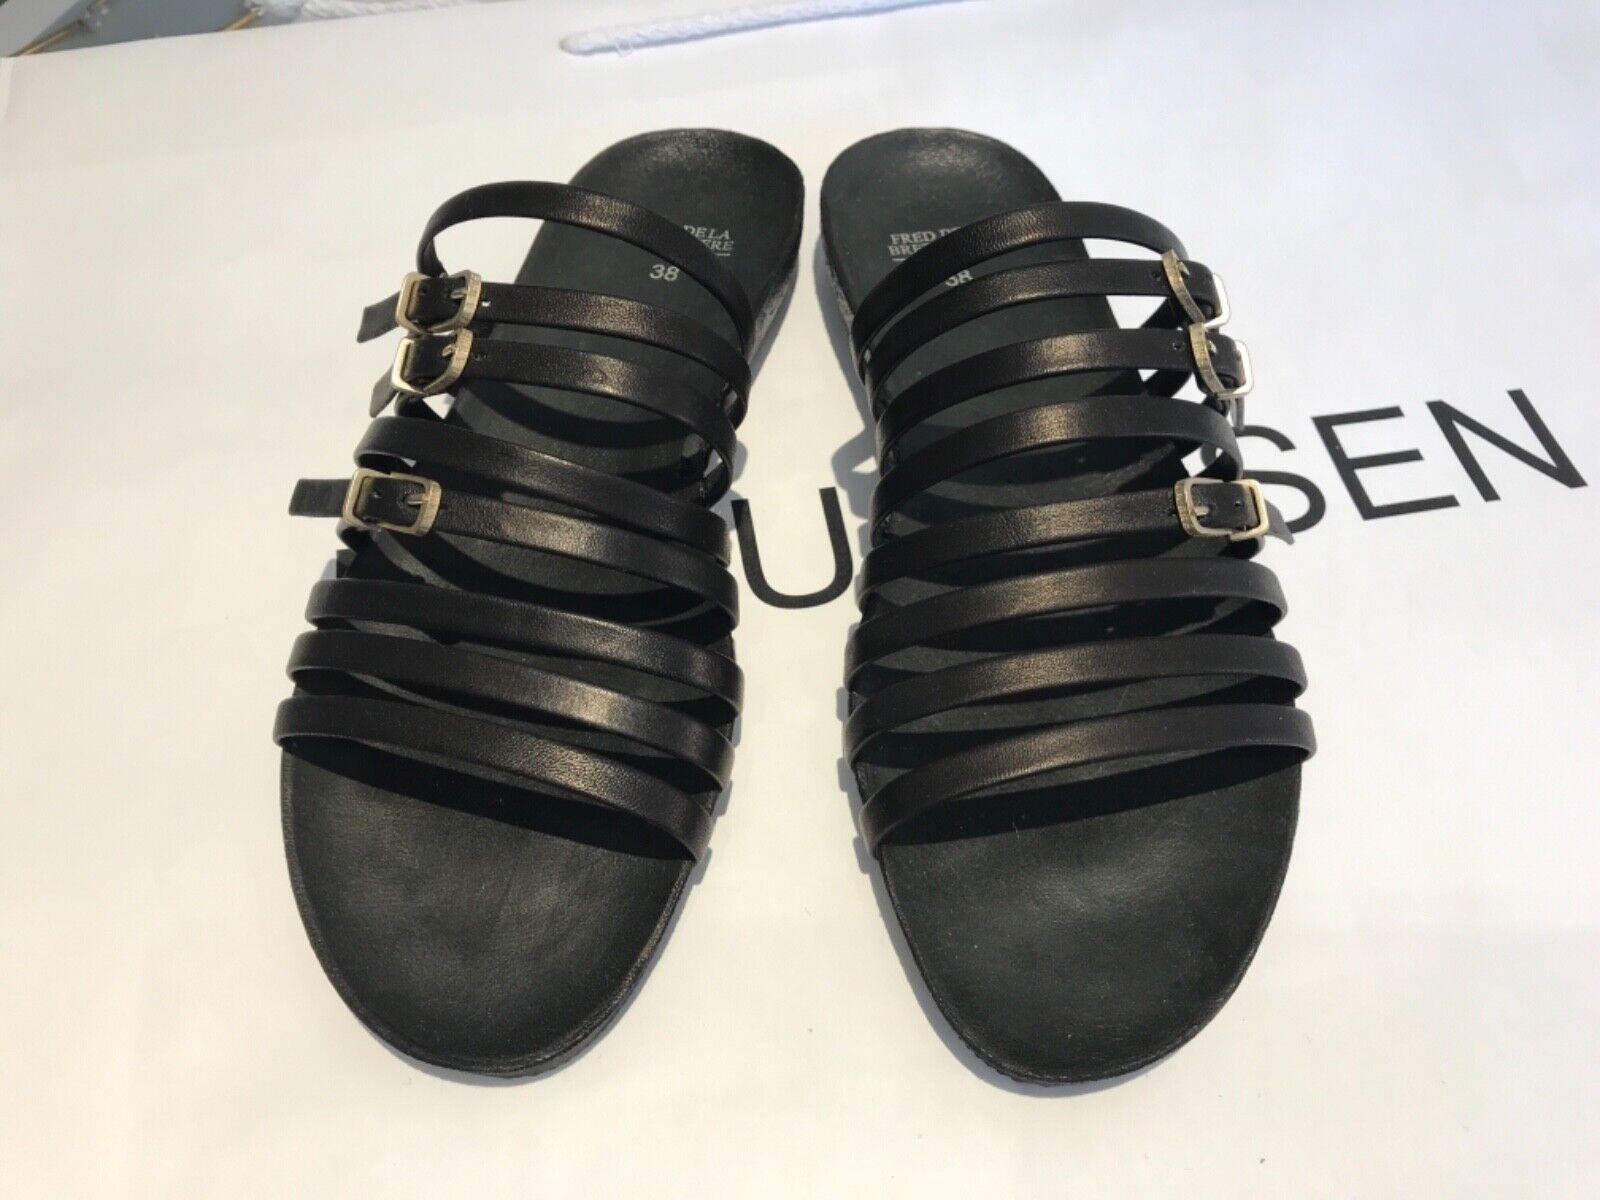 Sandalen,Damen, Frot de la Bretoniere,Größe 38,schwarz,Leder,neu, 12%rotuziert